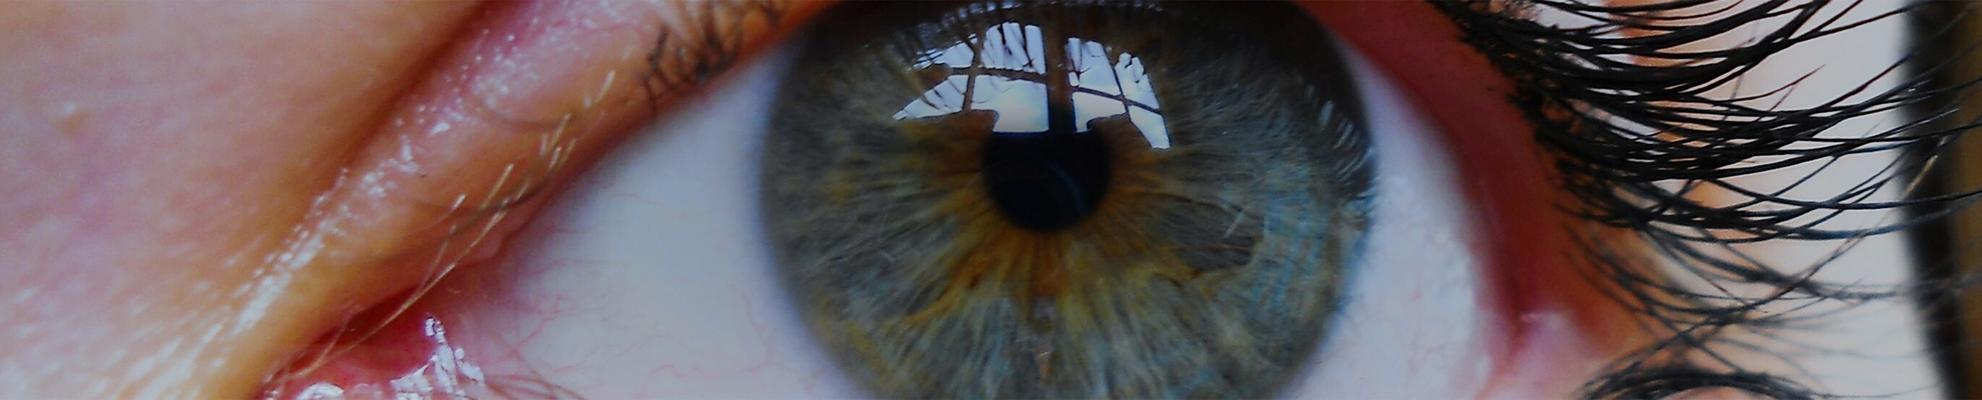 Image agrandie d'une femme aux yeux bleus